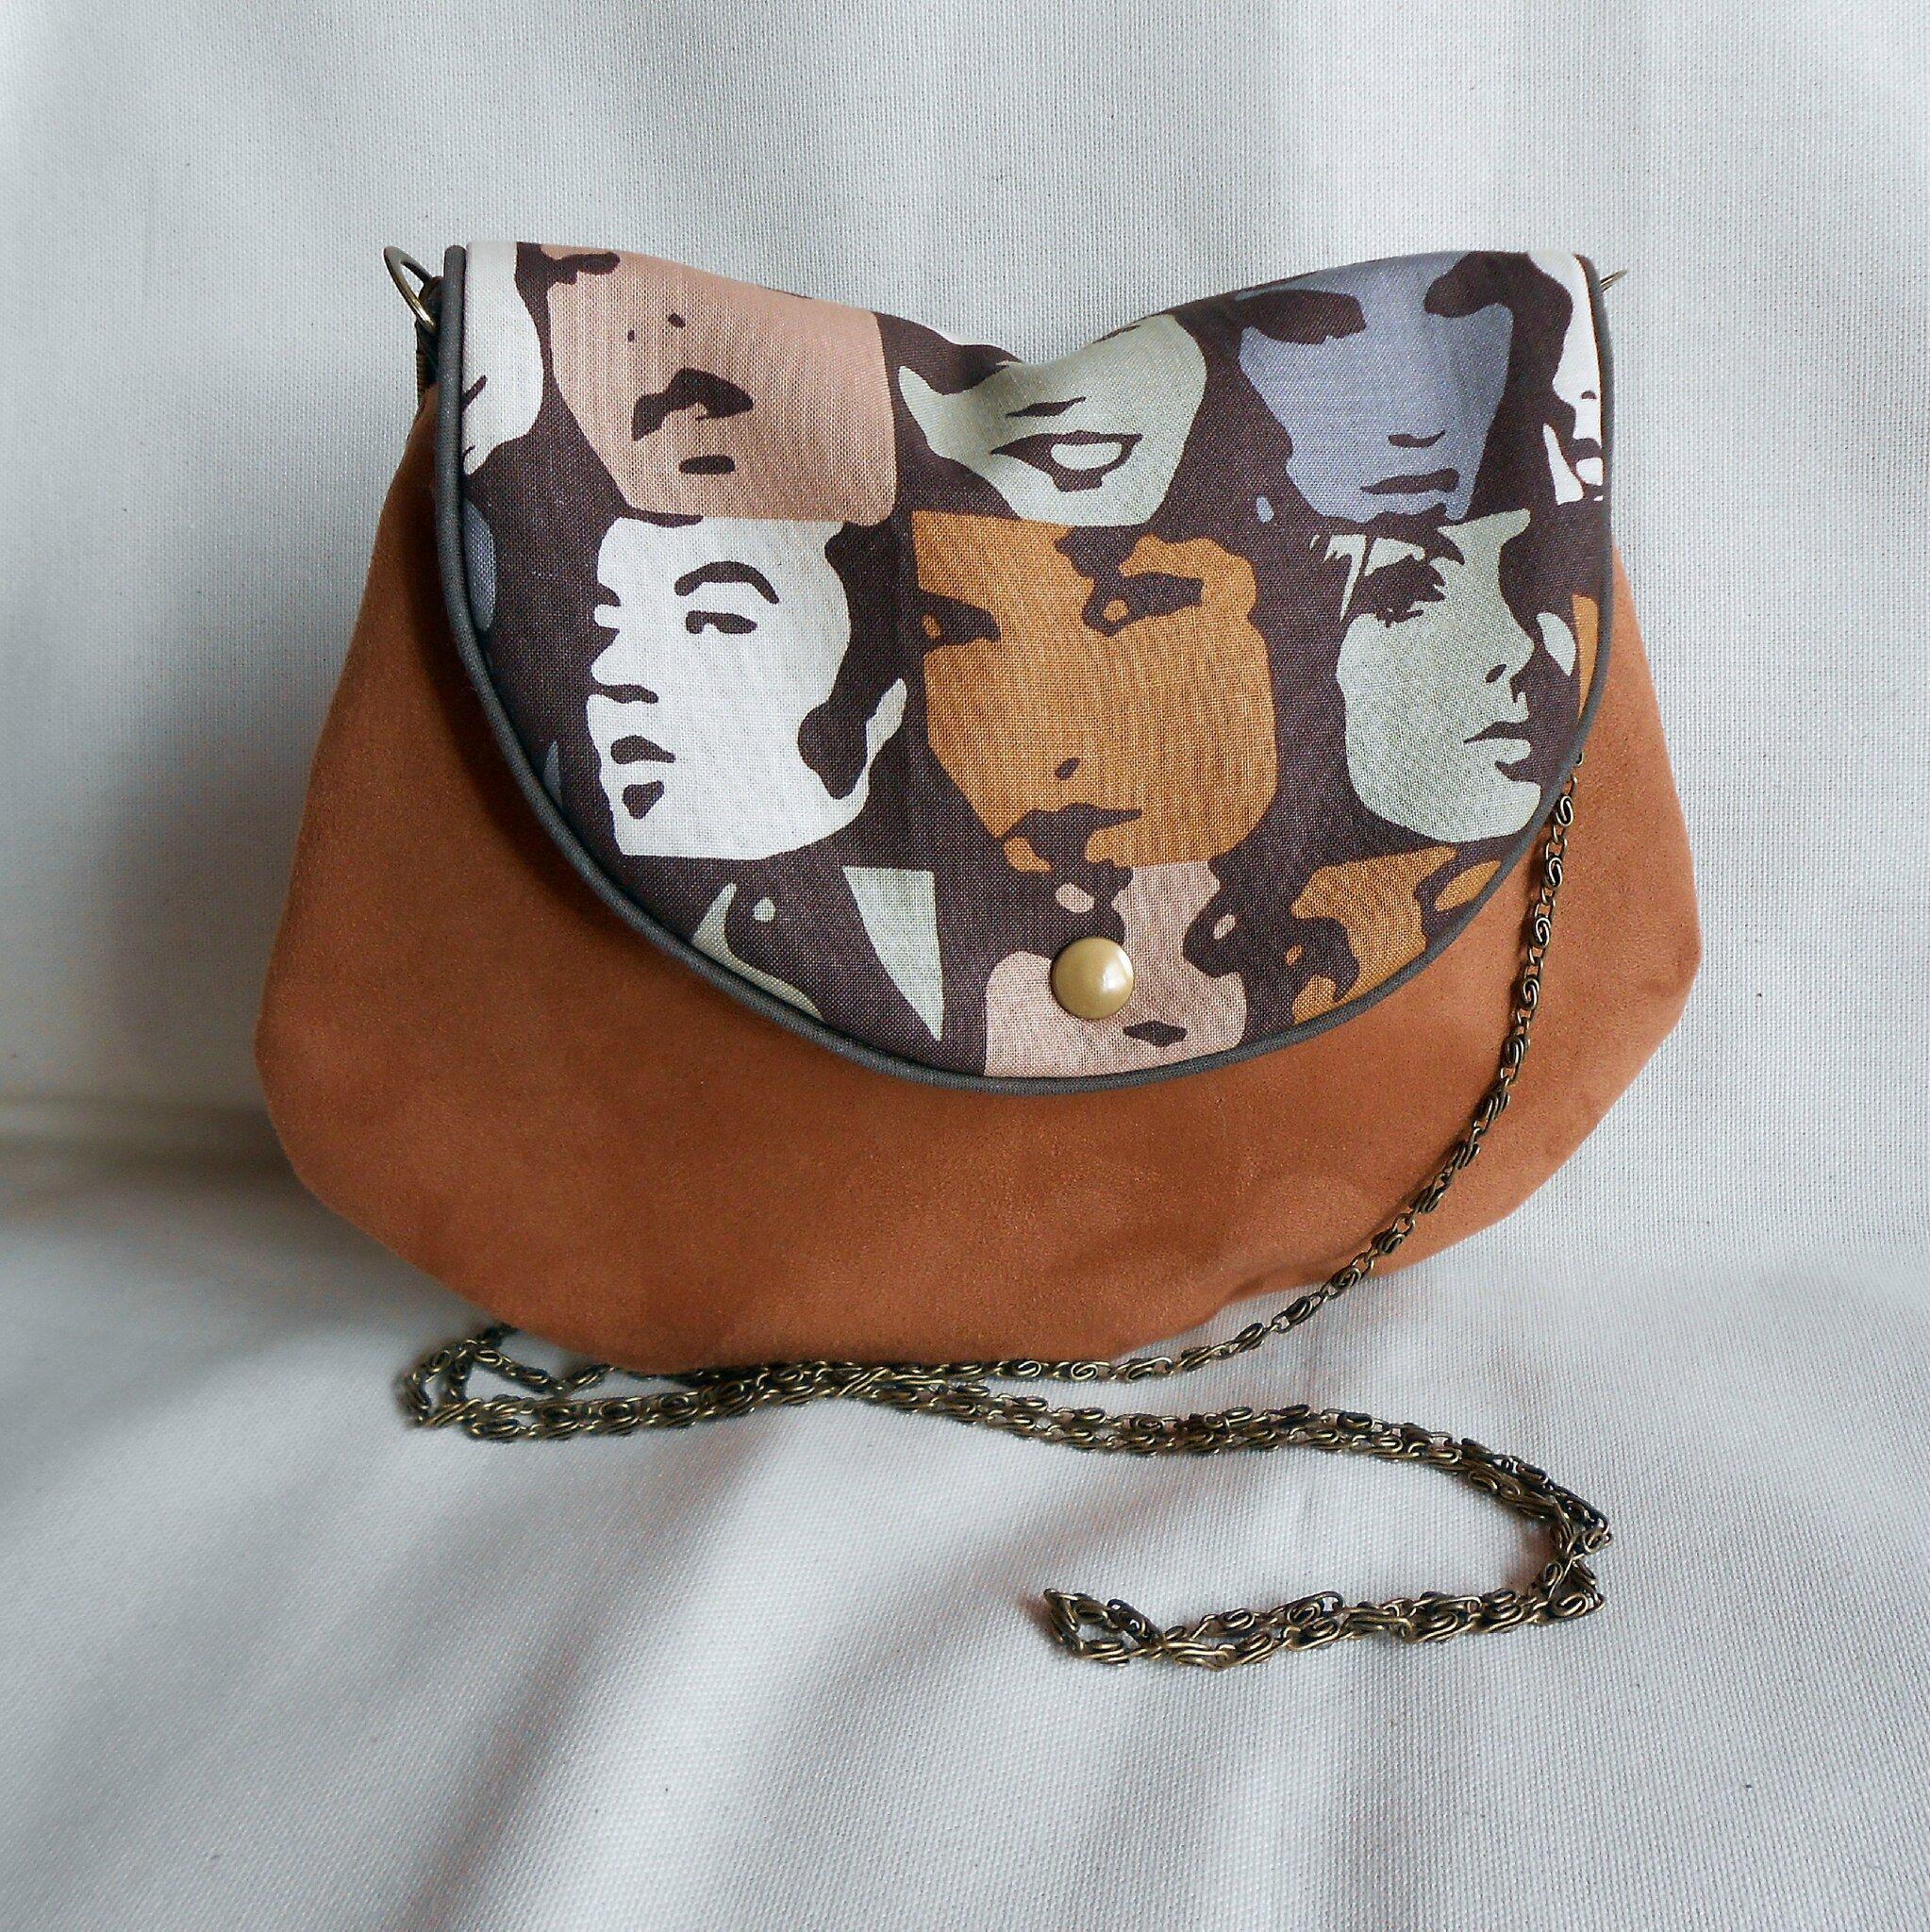 Clocréations-sac bandoulière visage femmes2